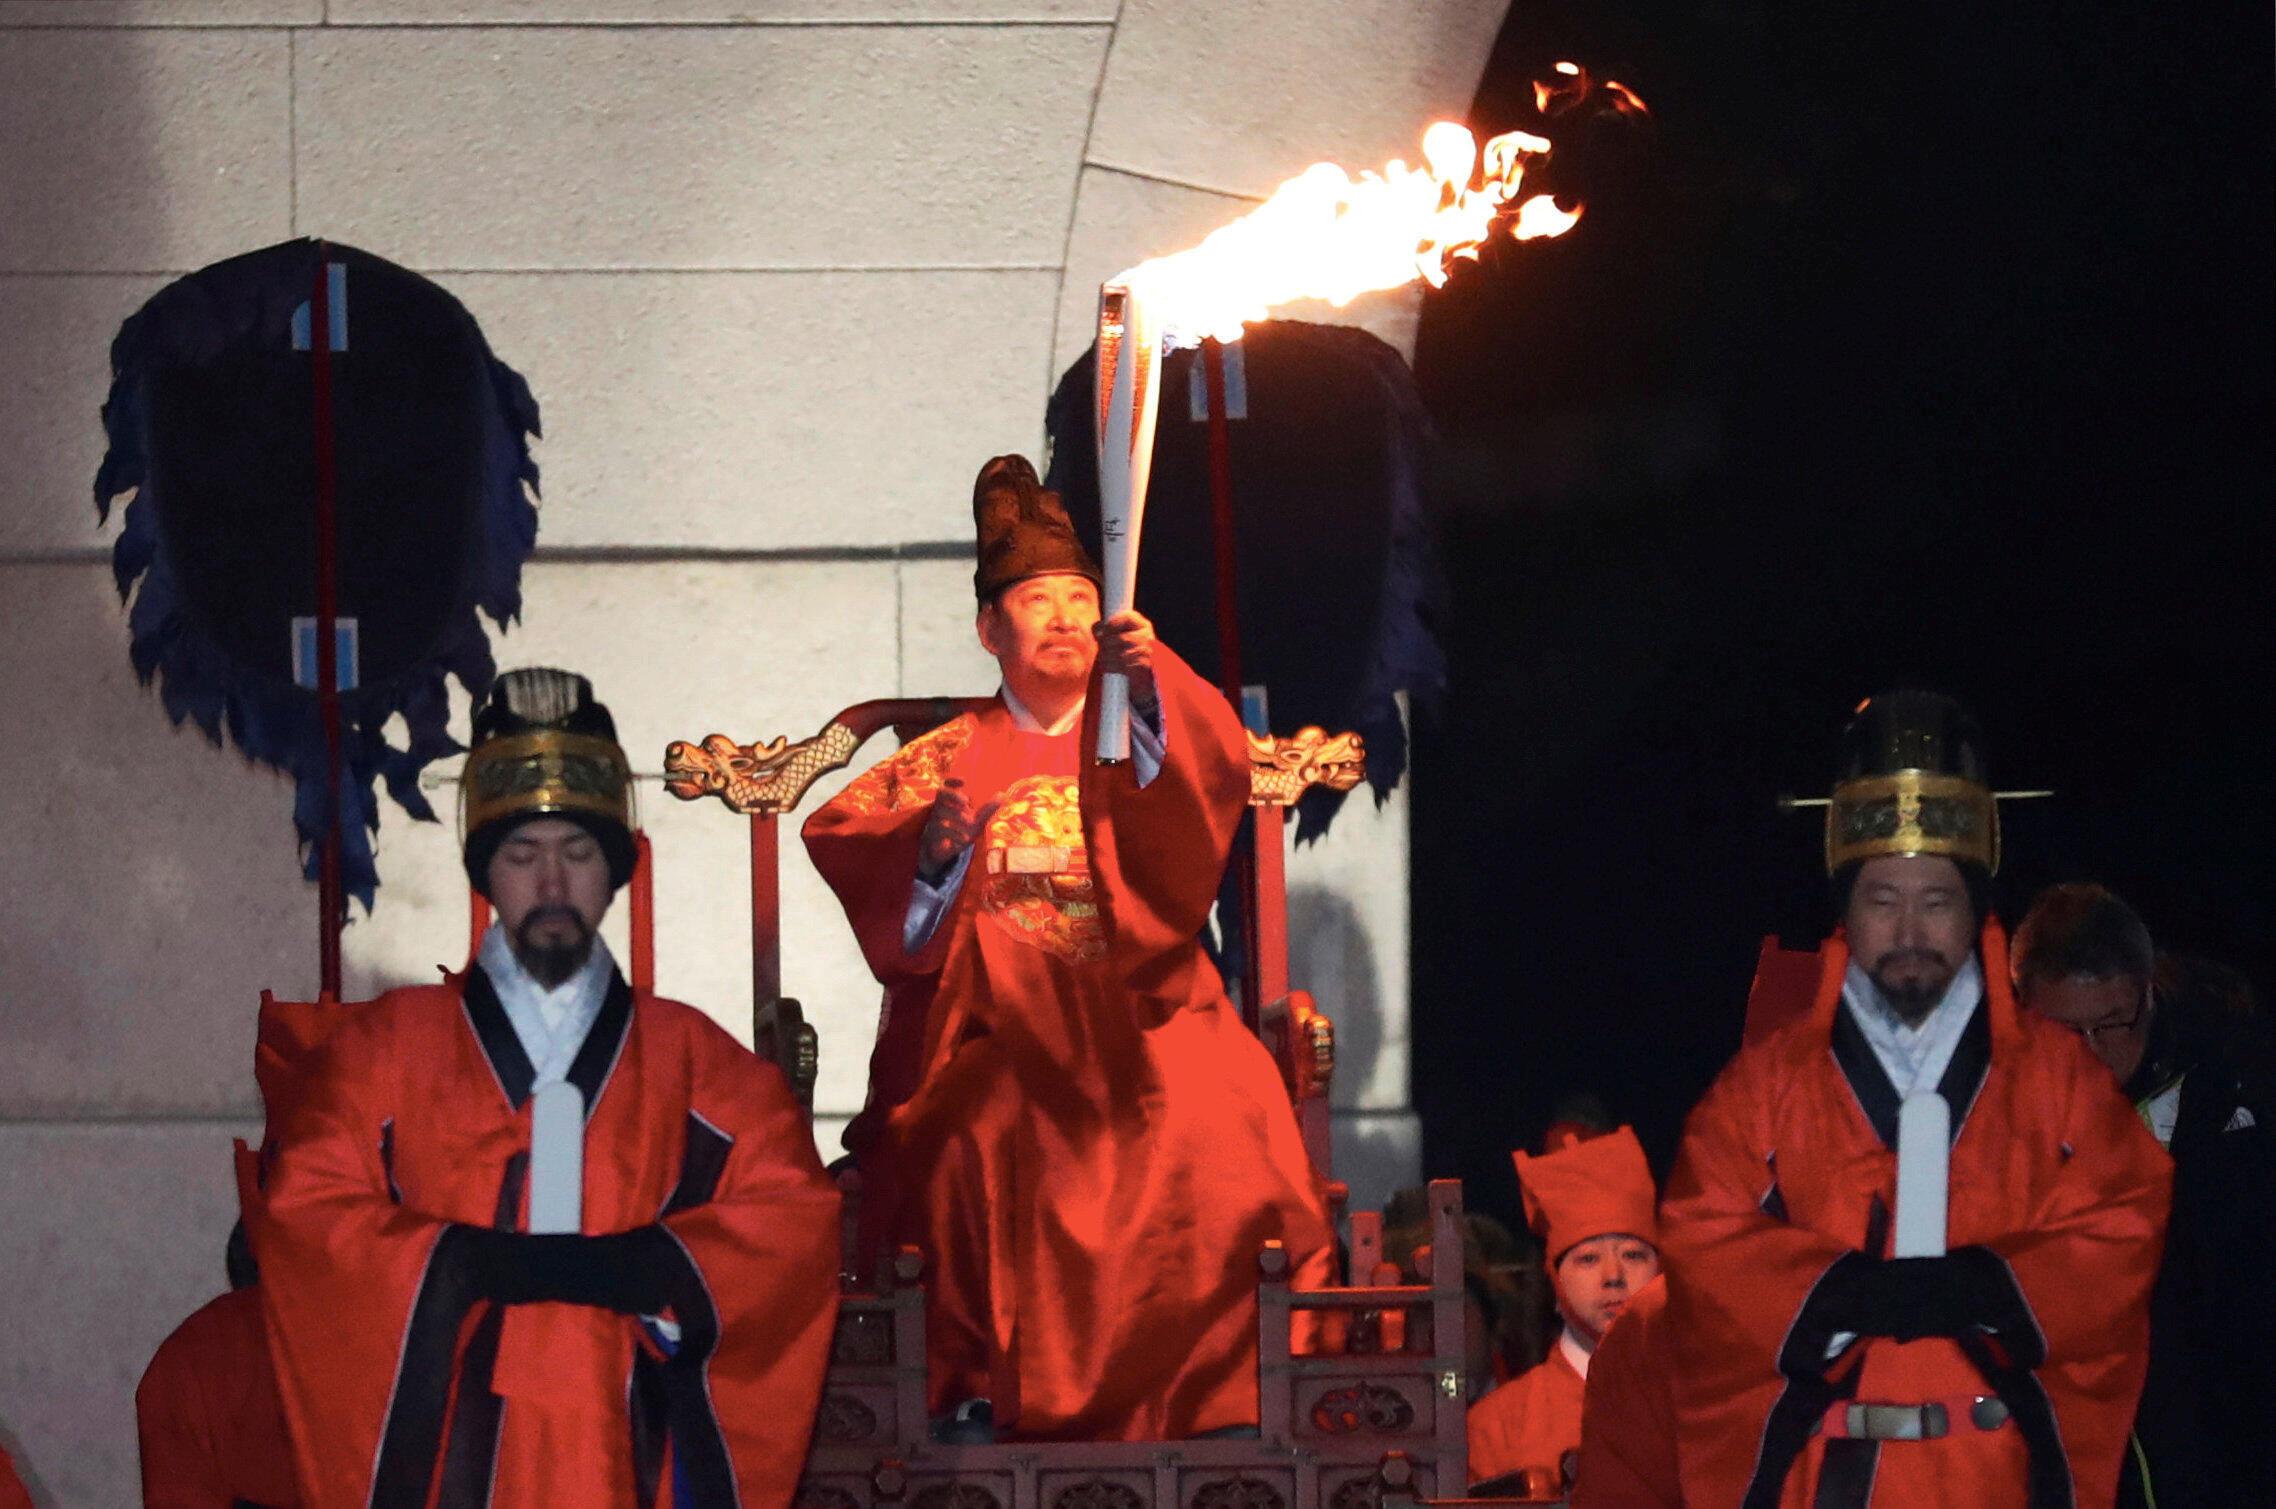 Lễ rước đuốc Thế Vận Hội Mùa Đông trong trang phục truyền thống tại Seoul ngày 13/01/2018.